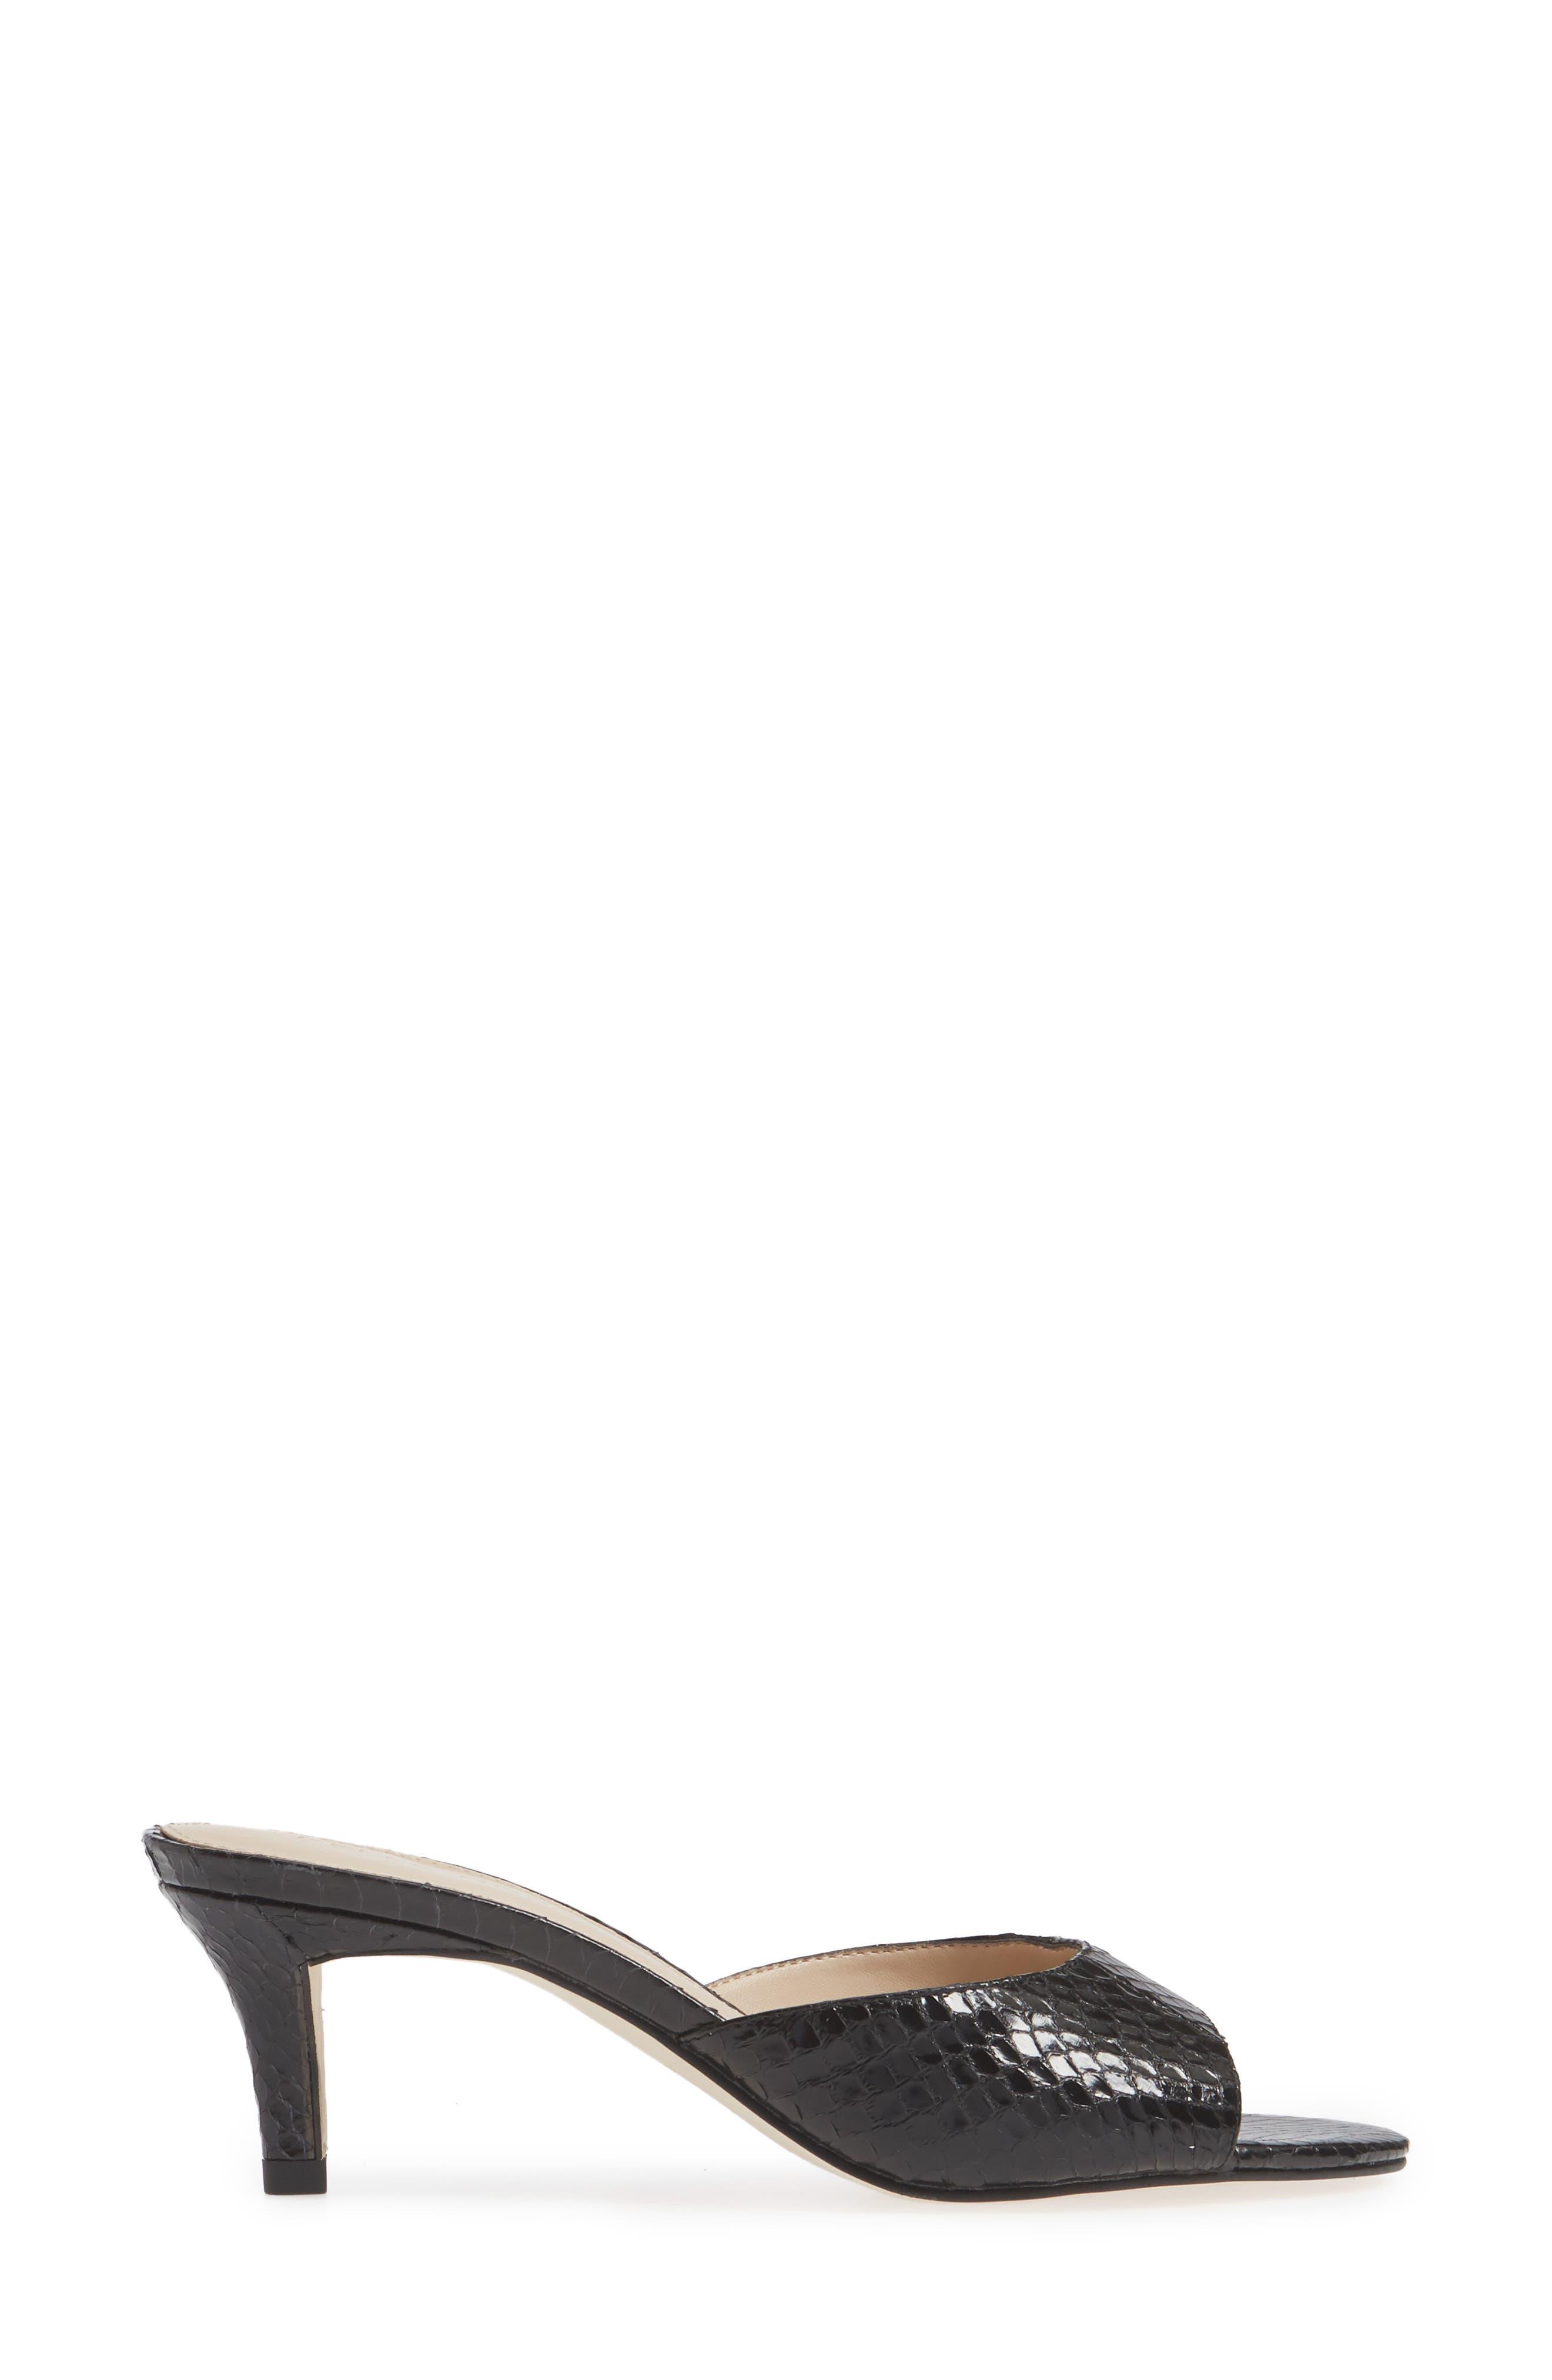 Bex Kitten Heel Slide Sandal,                             Alternate thumbnail 3, color,                             BLACK PRINT LEATHER